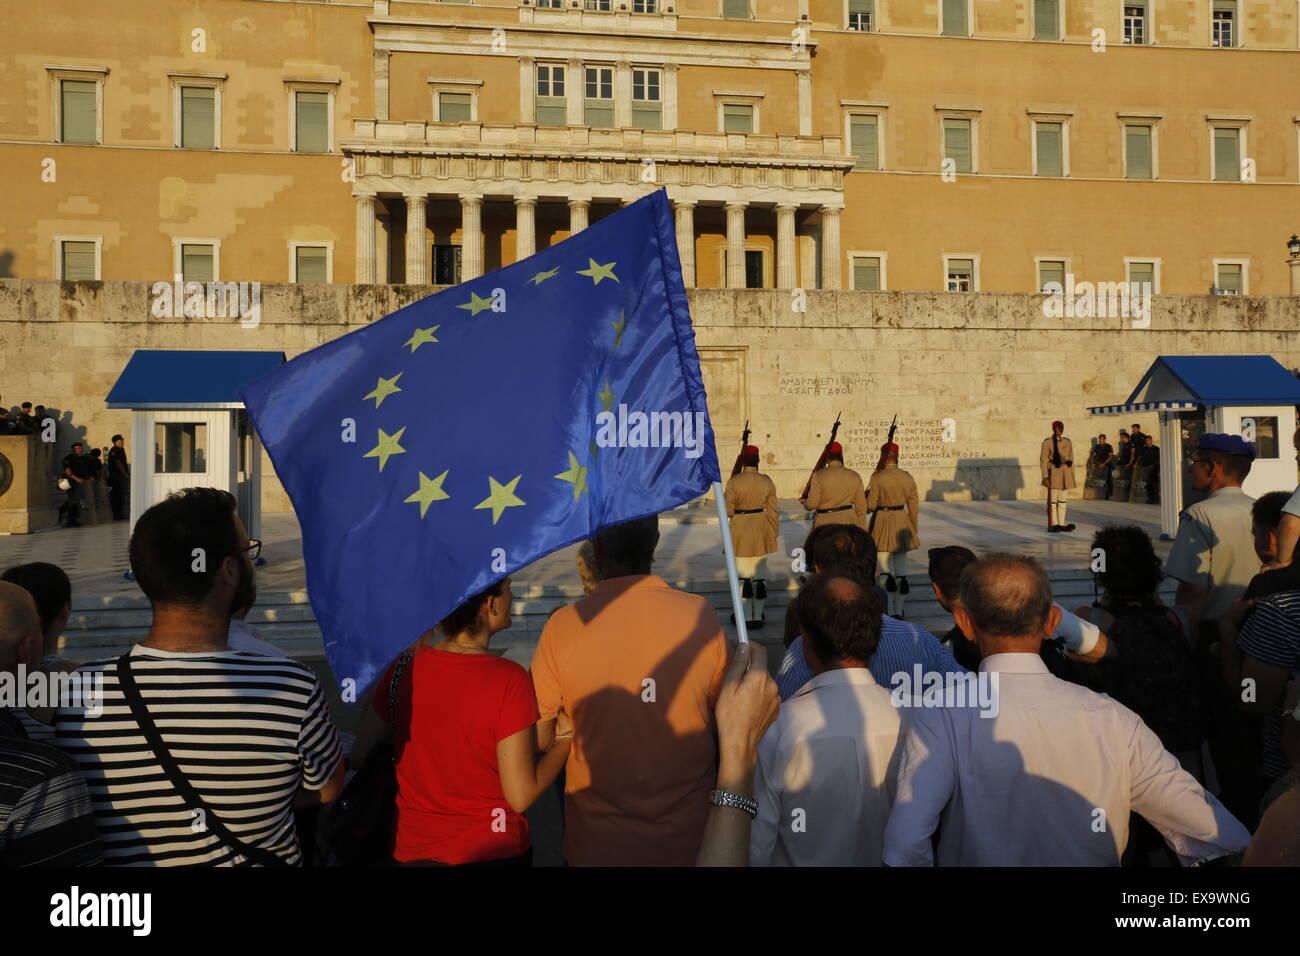 Atenas, Grecia. El 9 de julio de 2015. Un manifestante lleva una bandera europea, mientras los evzones (guardia Foto de stock